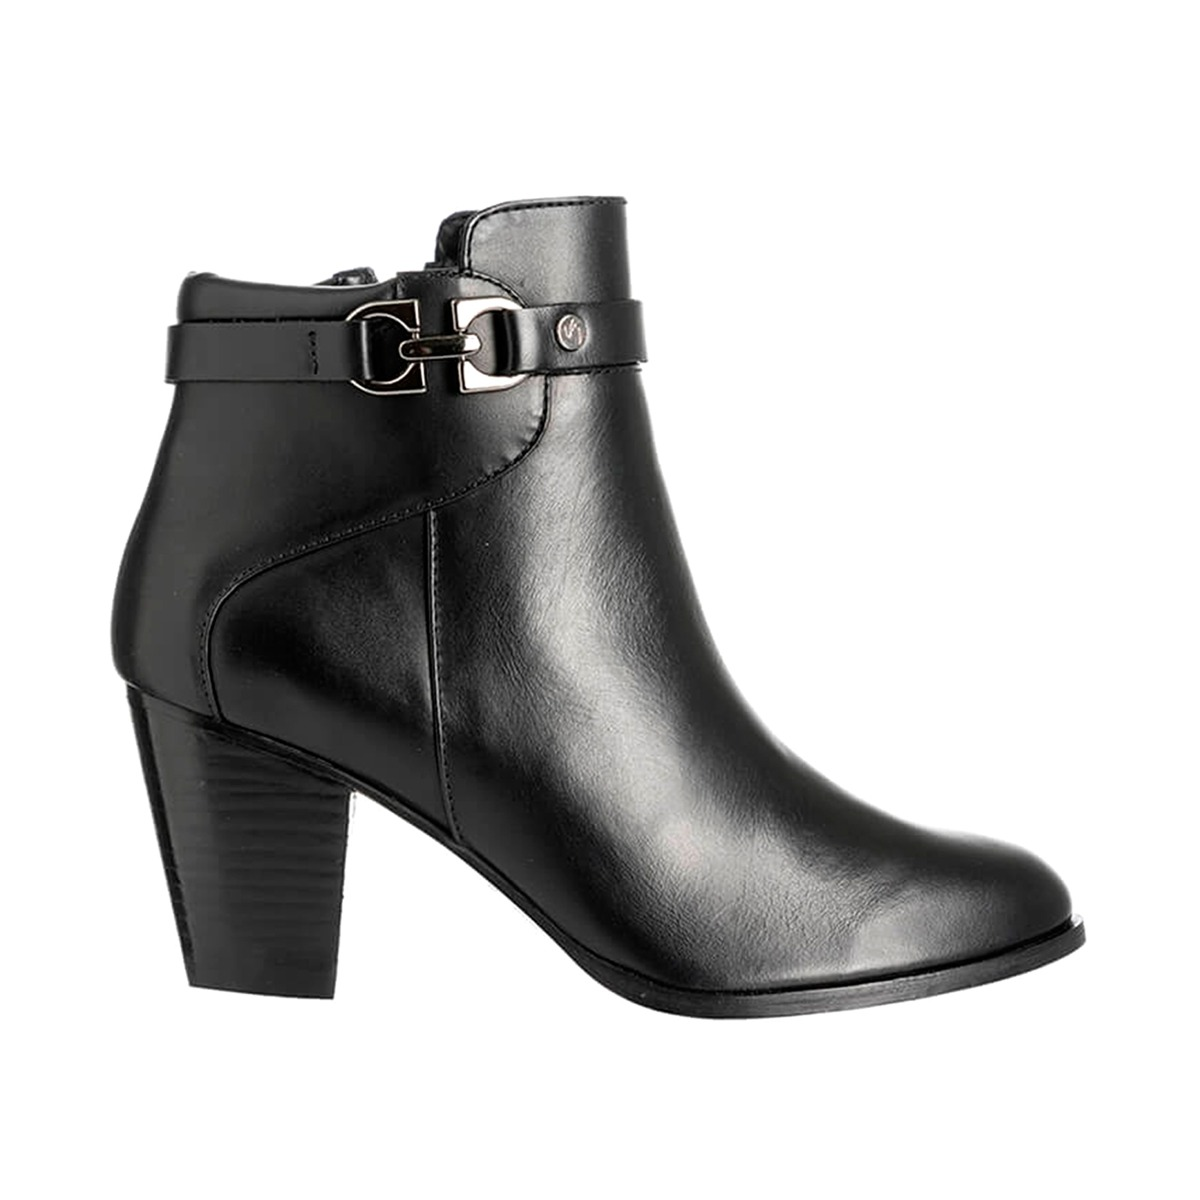 5ea3f38728e botas negras mujer de piel vélez 1019154. Cargando zoom.